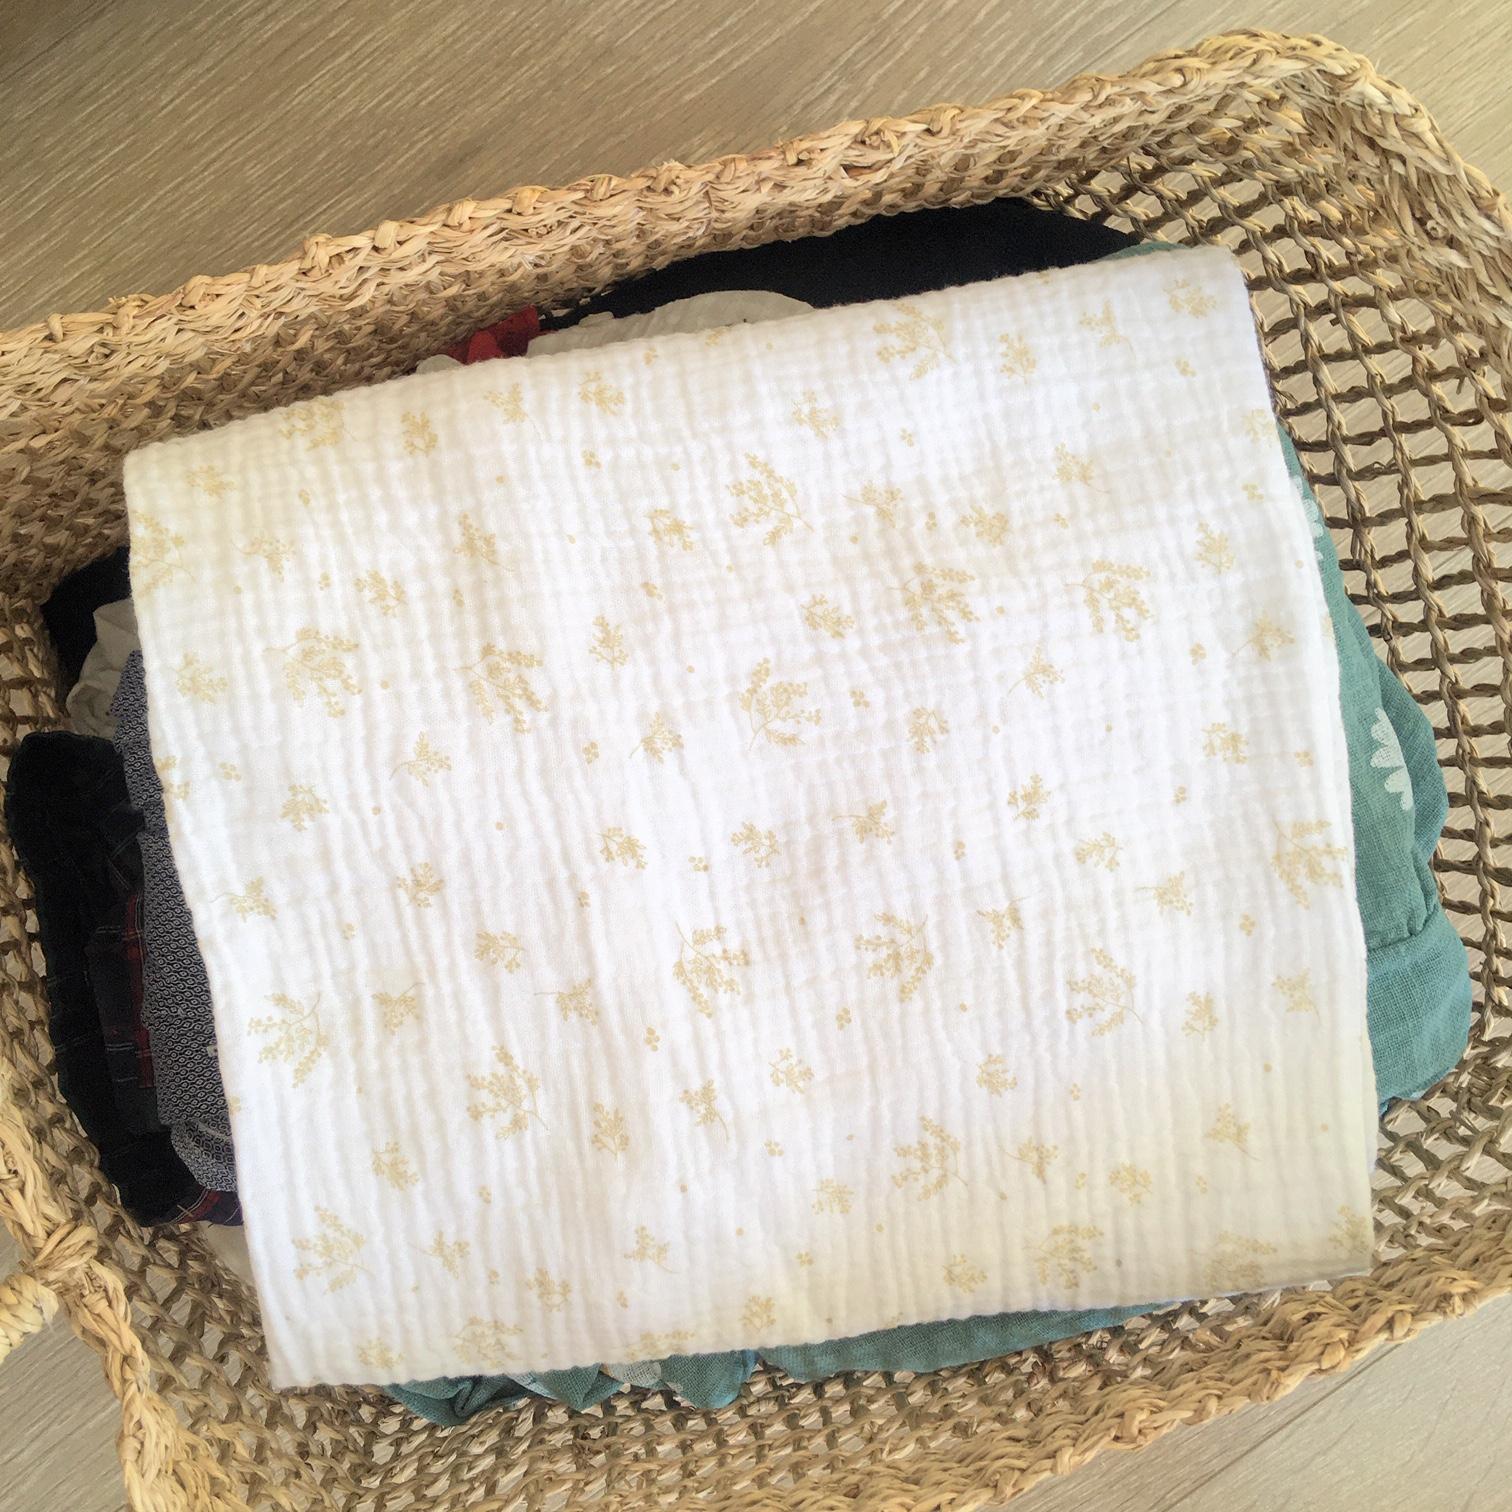 du vent dans mes valises - snood si doux écharpe tour de cou double gaze voile de coton blanc beige made in France